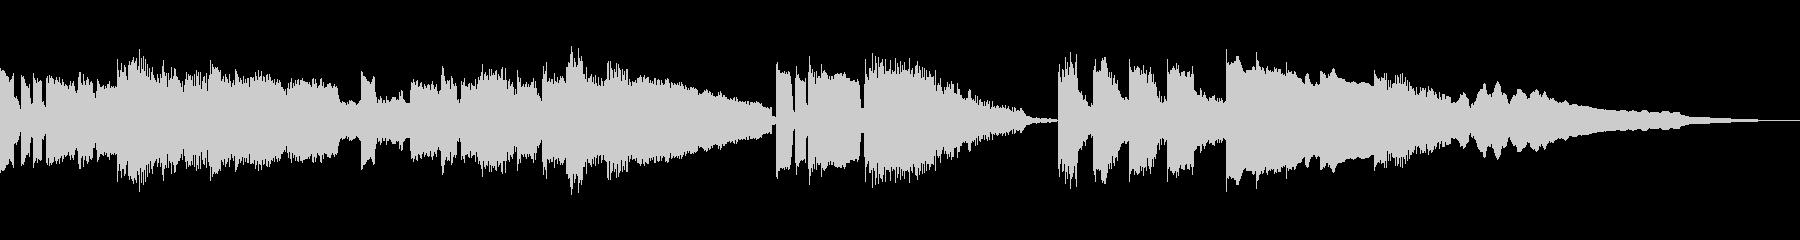 Julian lage的なブルースジャズの未再生の波形